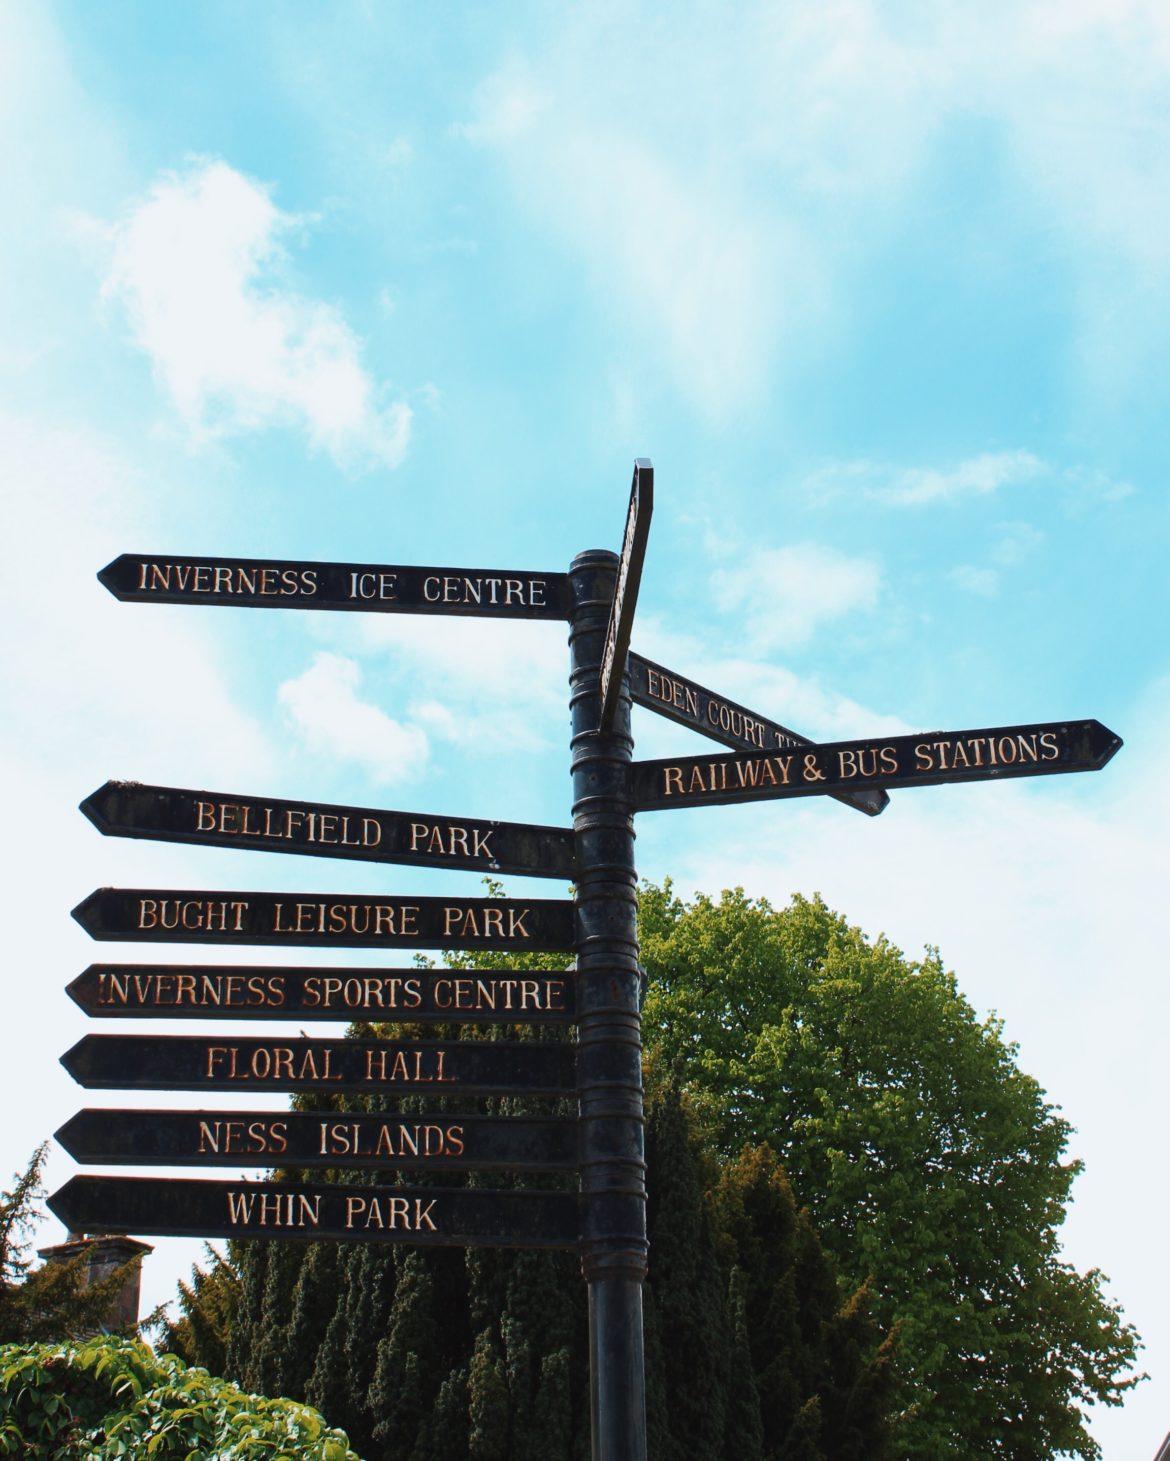 Il mio primo viaggio da solo: l'intero itinerario. #donatoedonatotour